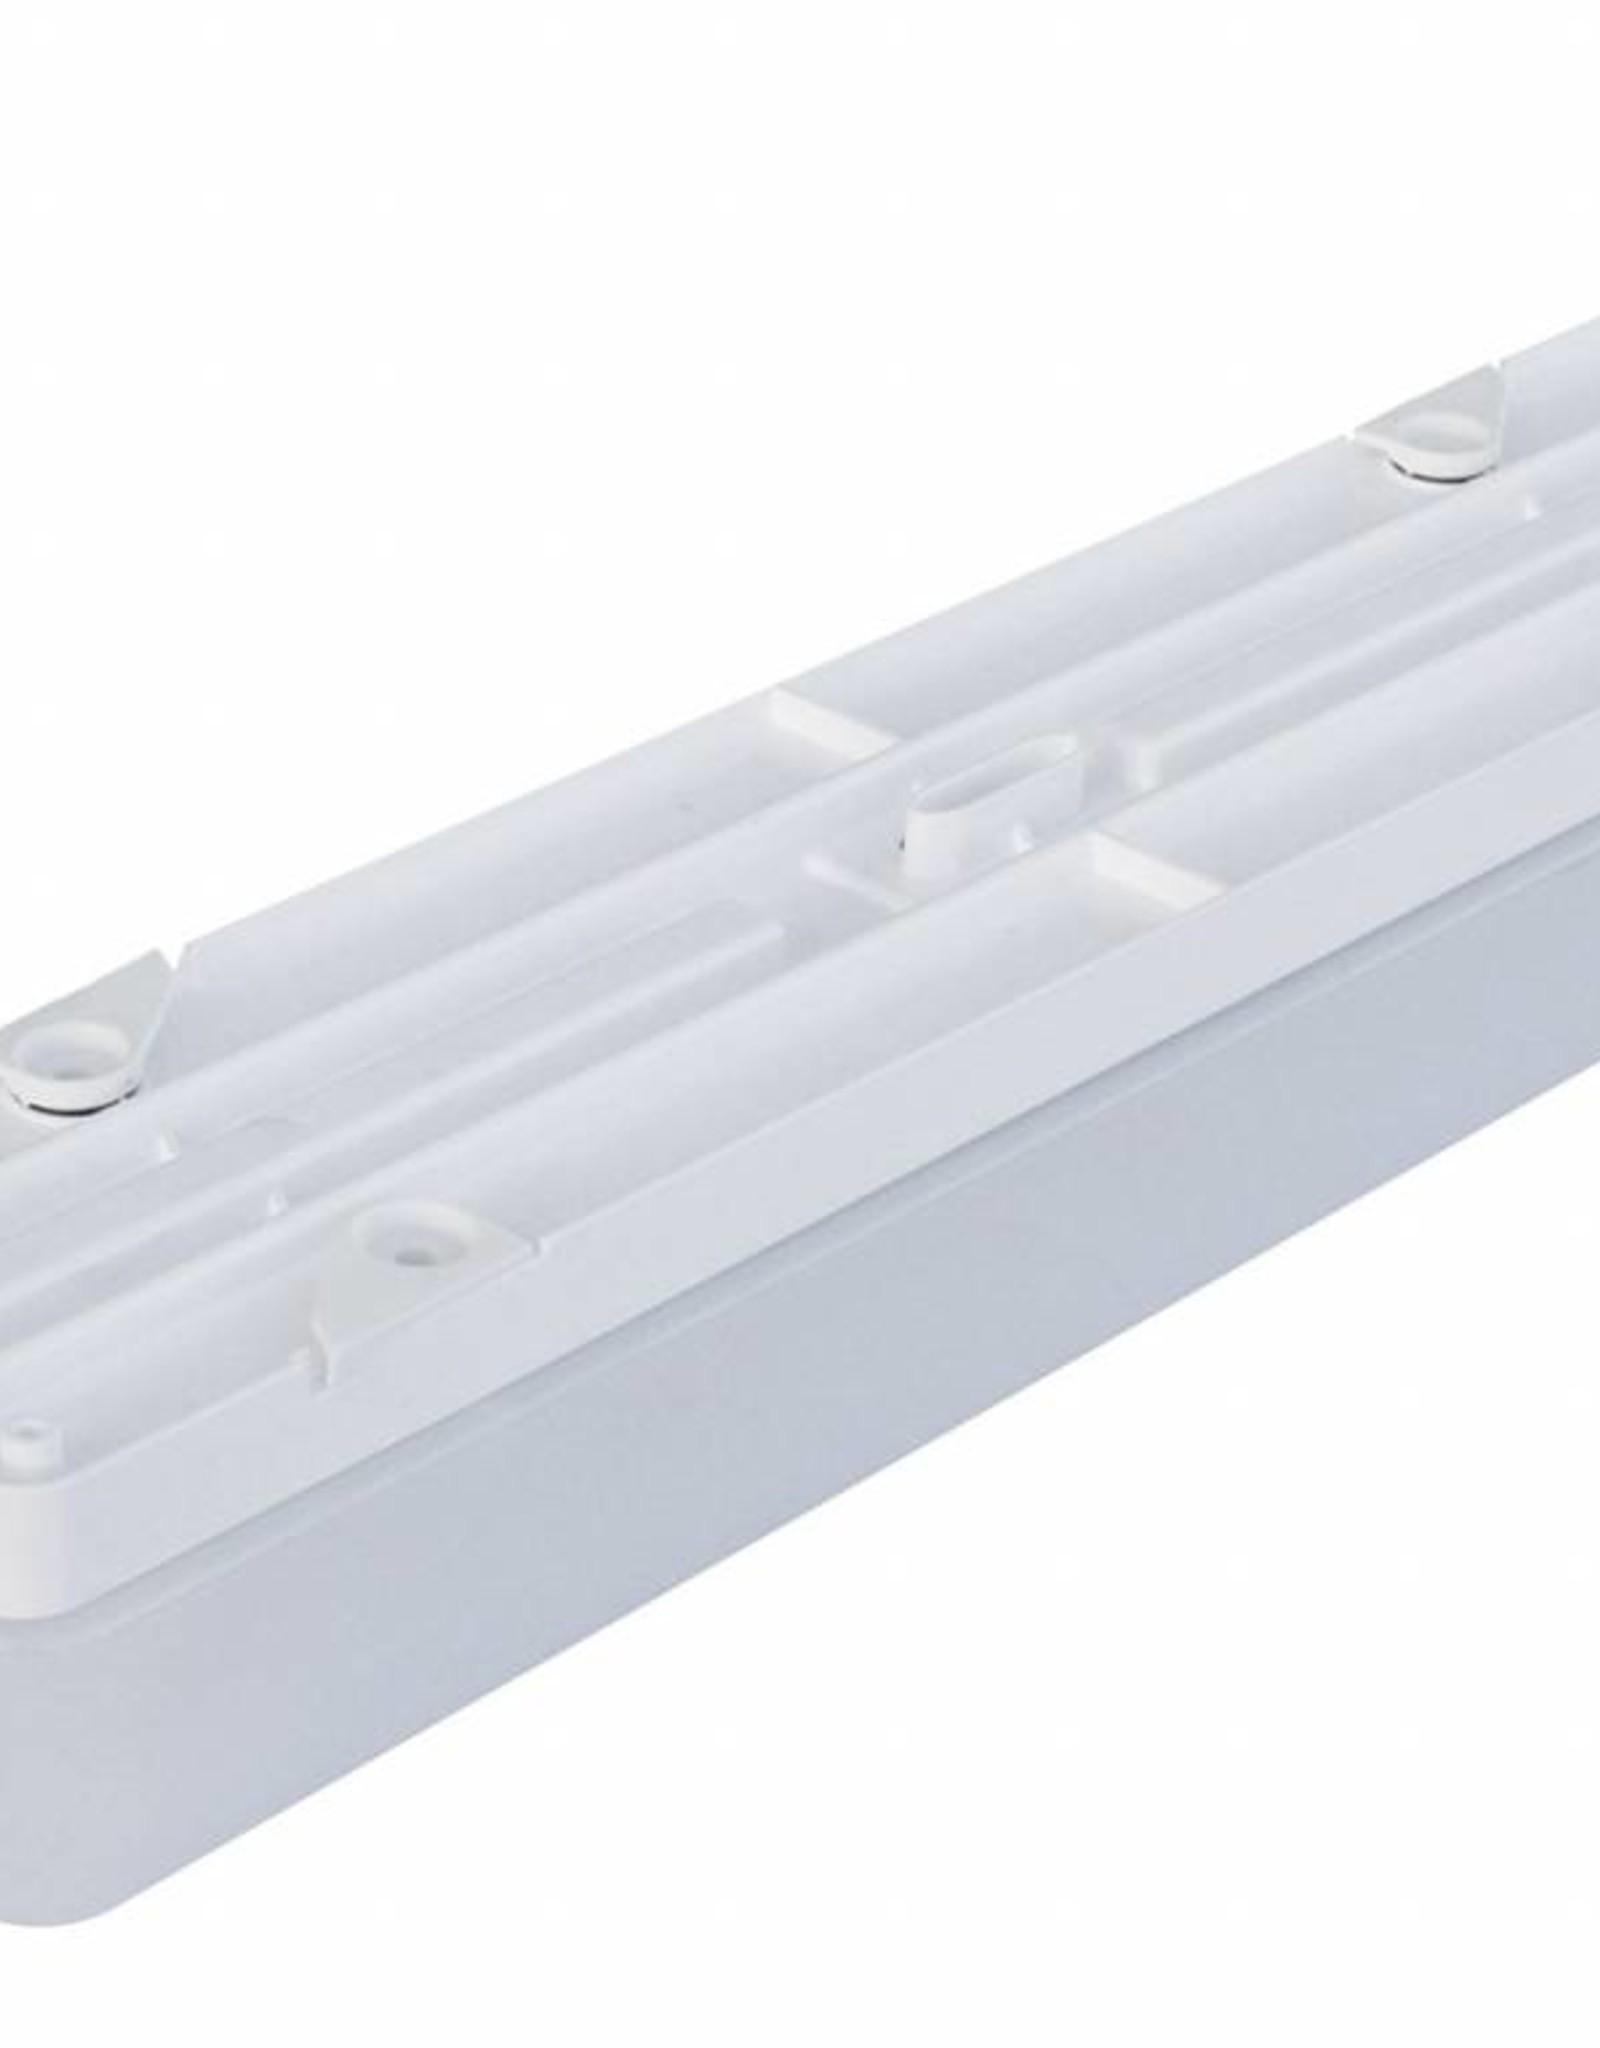 Linea 1.4ft 2600/840 DALI